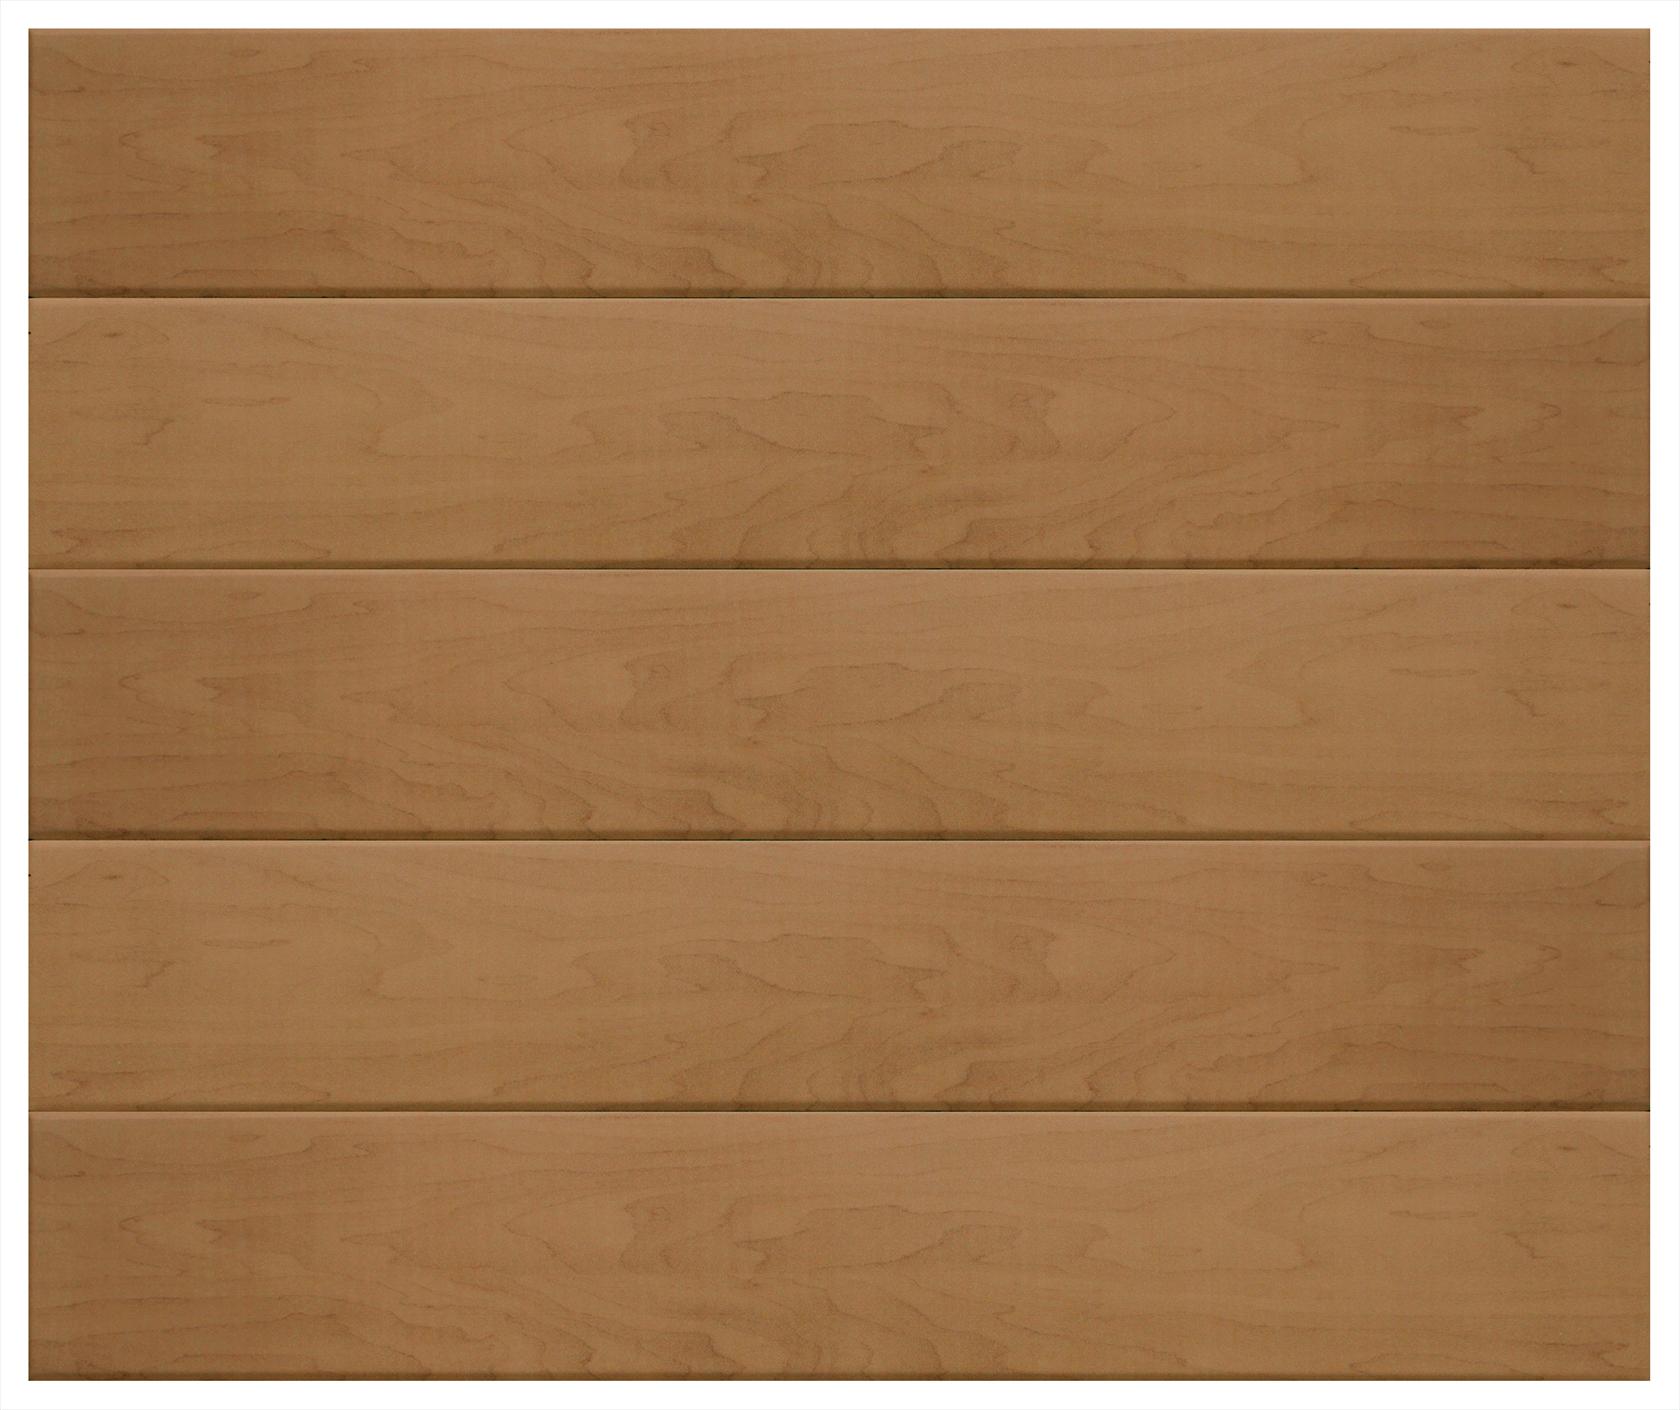 Deckenpaneele Xps Formfest Hexim 100x16 7cm P 04 Hexim Webshop Innen Und Fassadendekoration